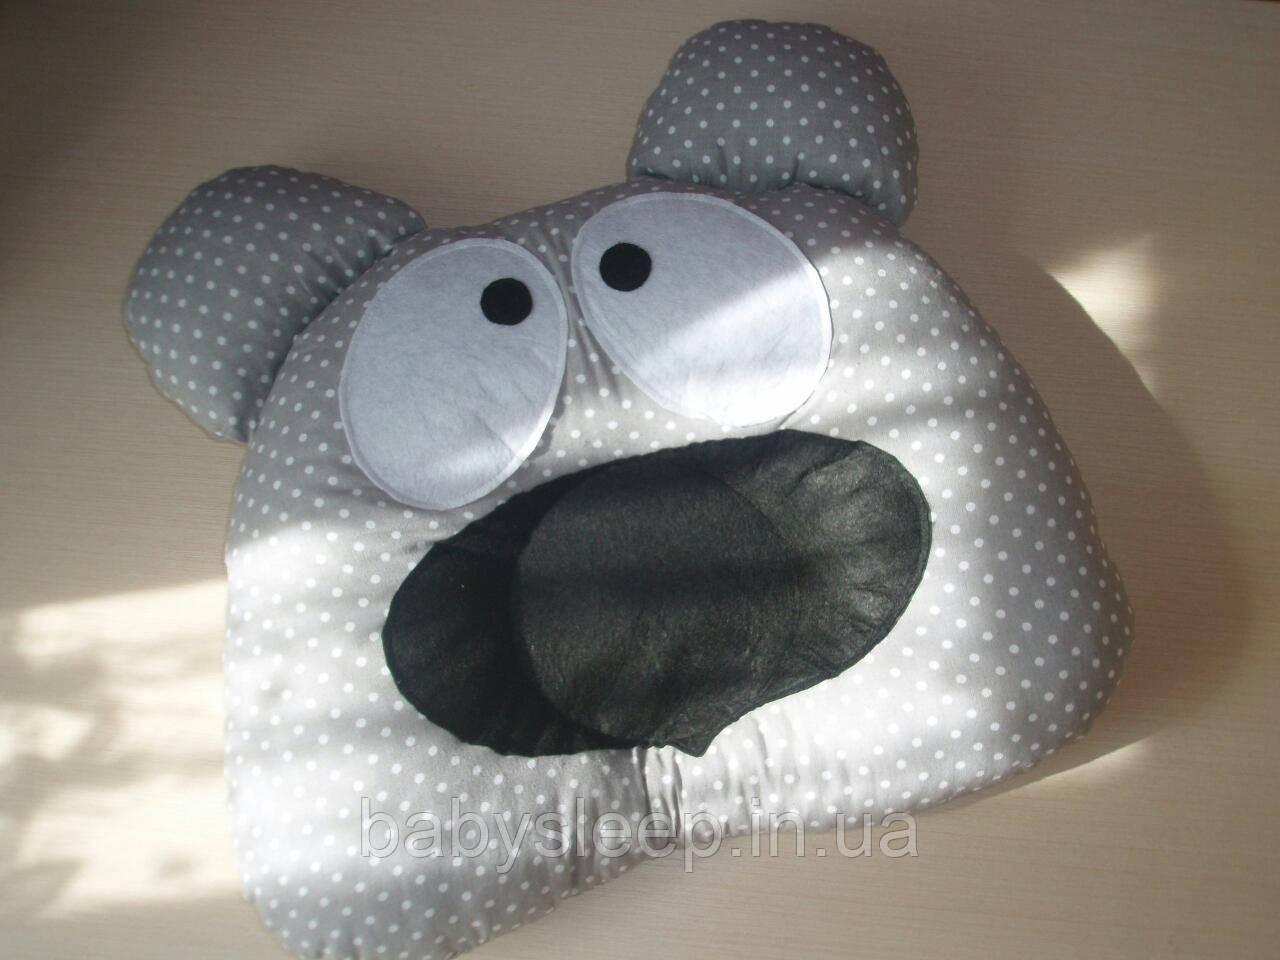 Ортопедическая подушка мишка